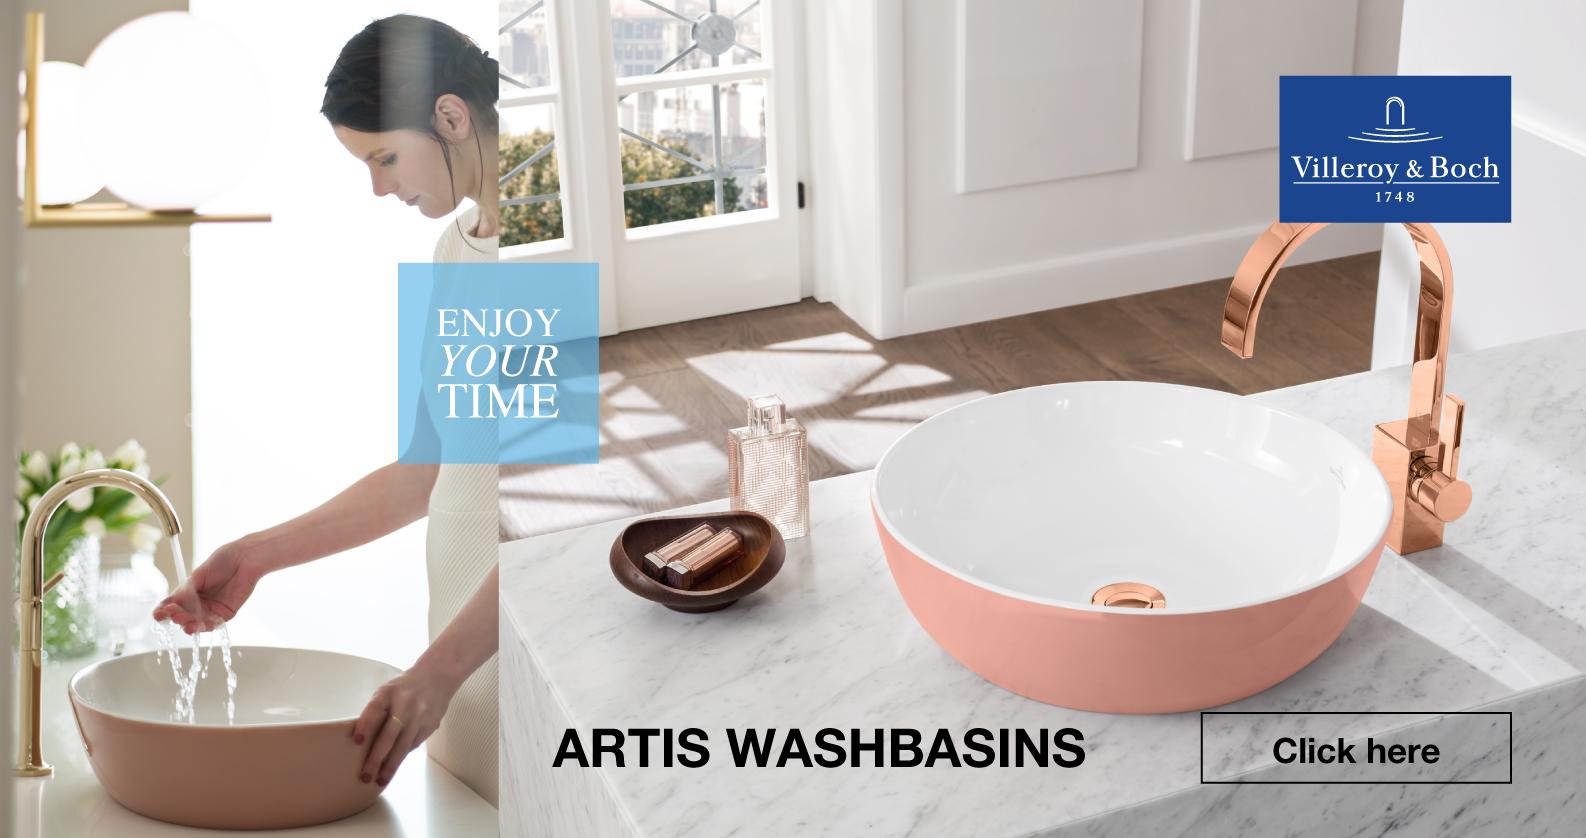 Villeroy & Boch Artis Washbasins